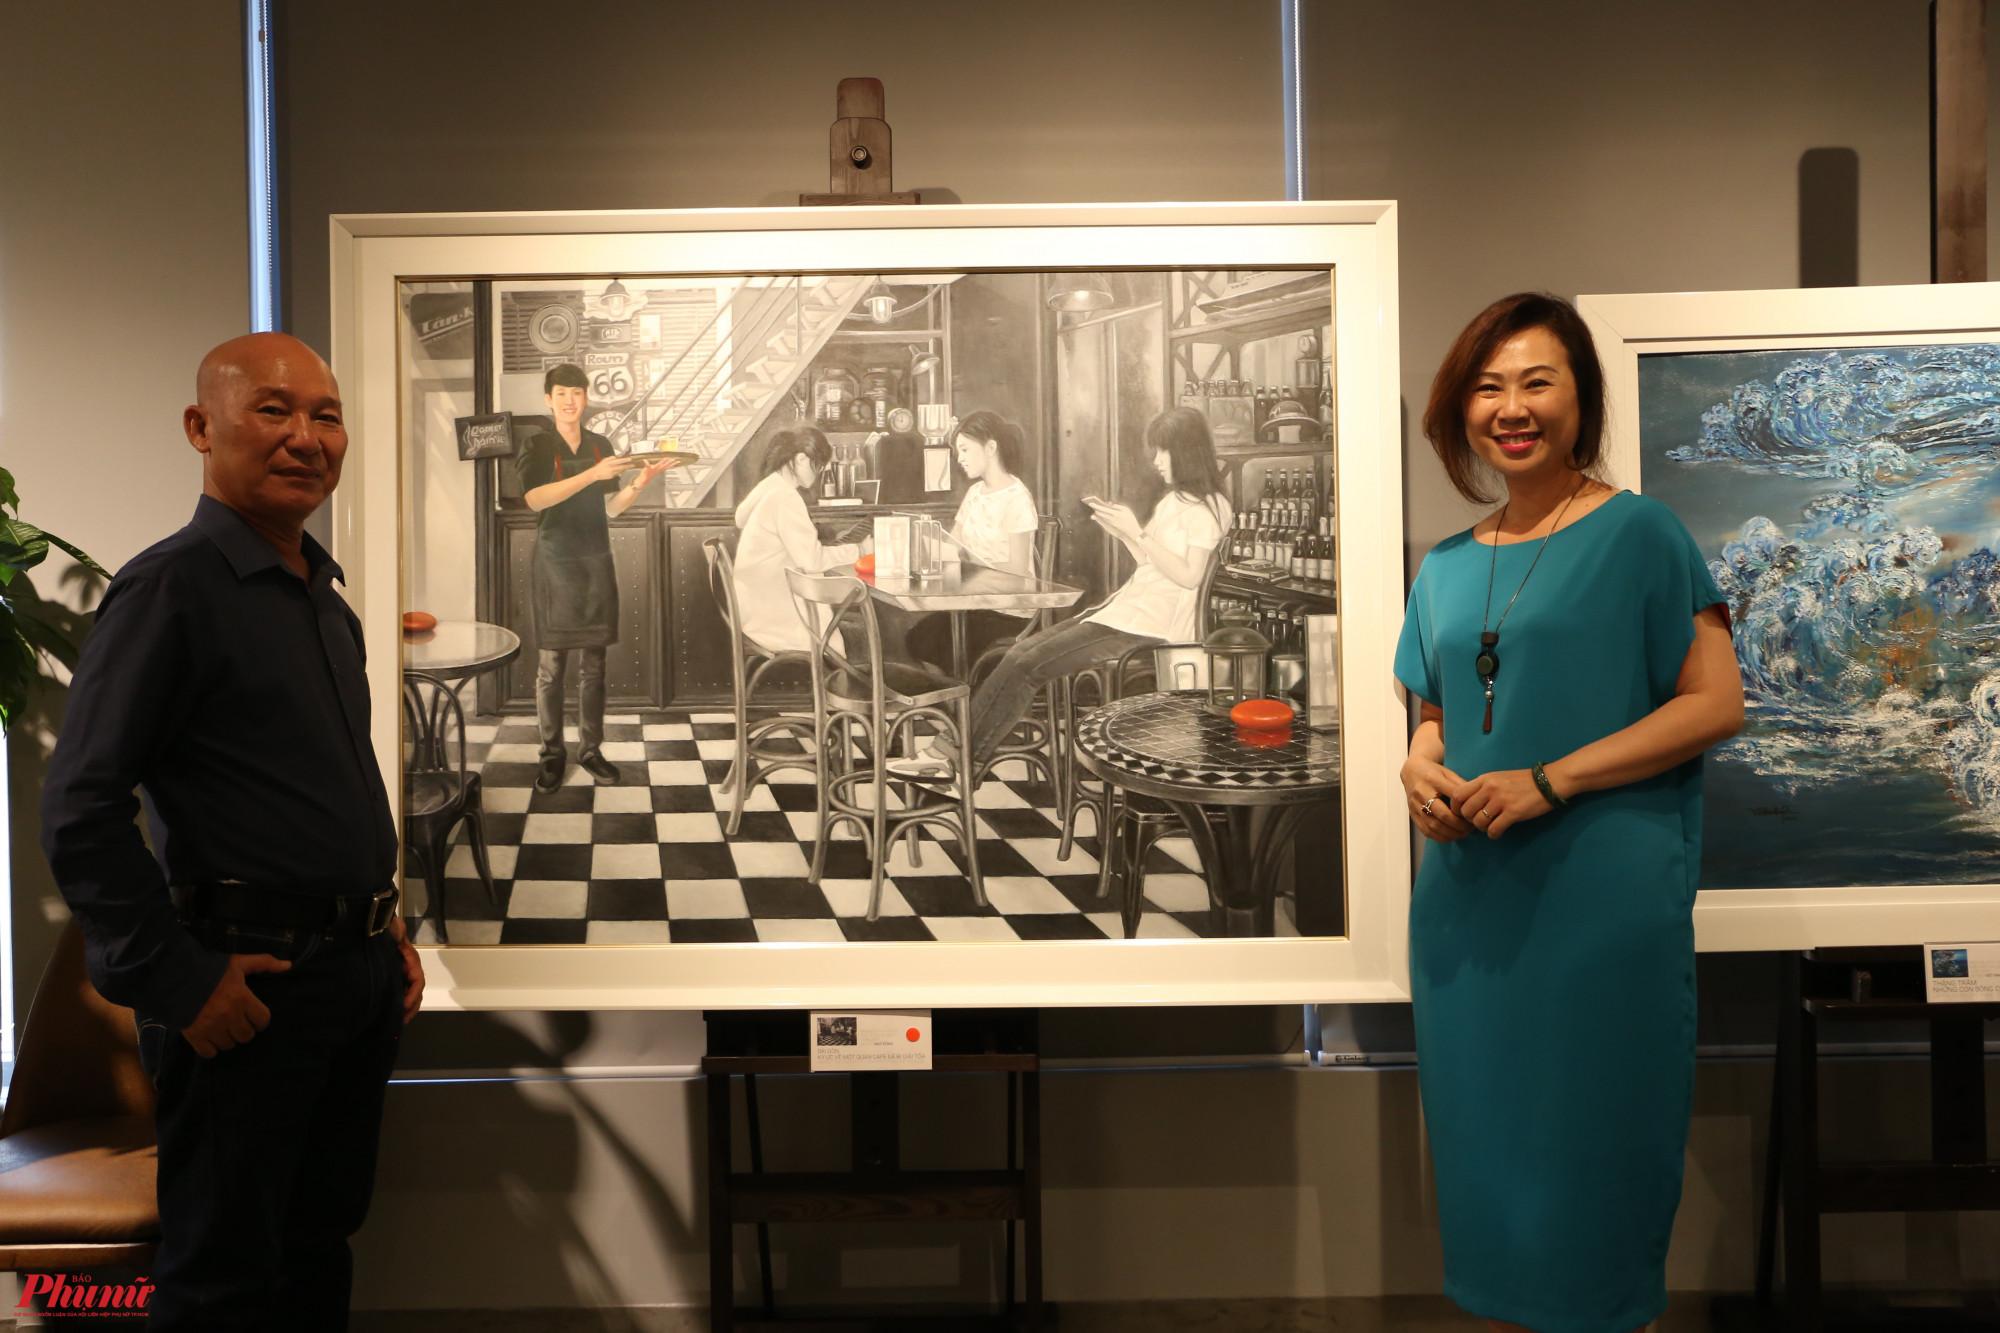 Hoạ sĩ Ngô Đồng và Việt Kim Quyên (phải) tại triển lãm.